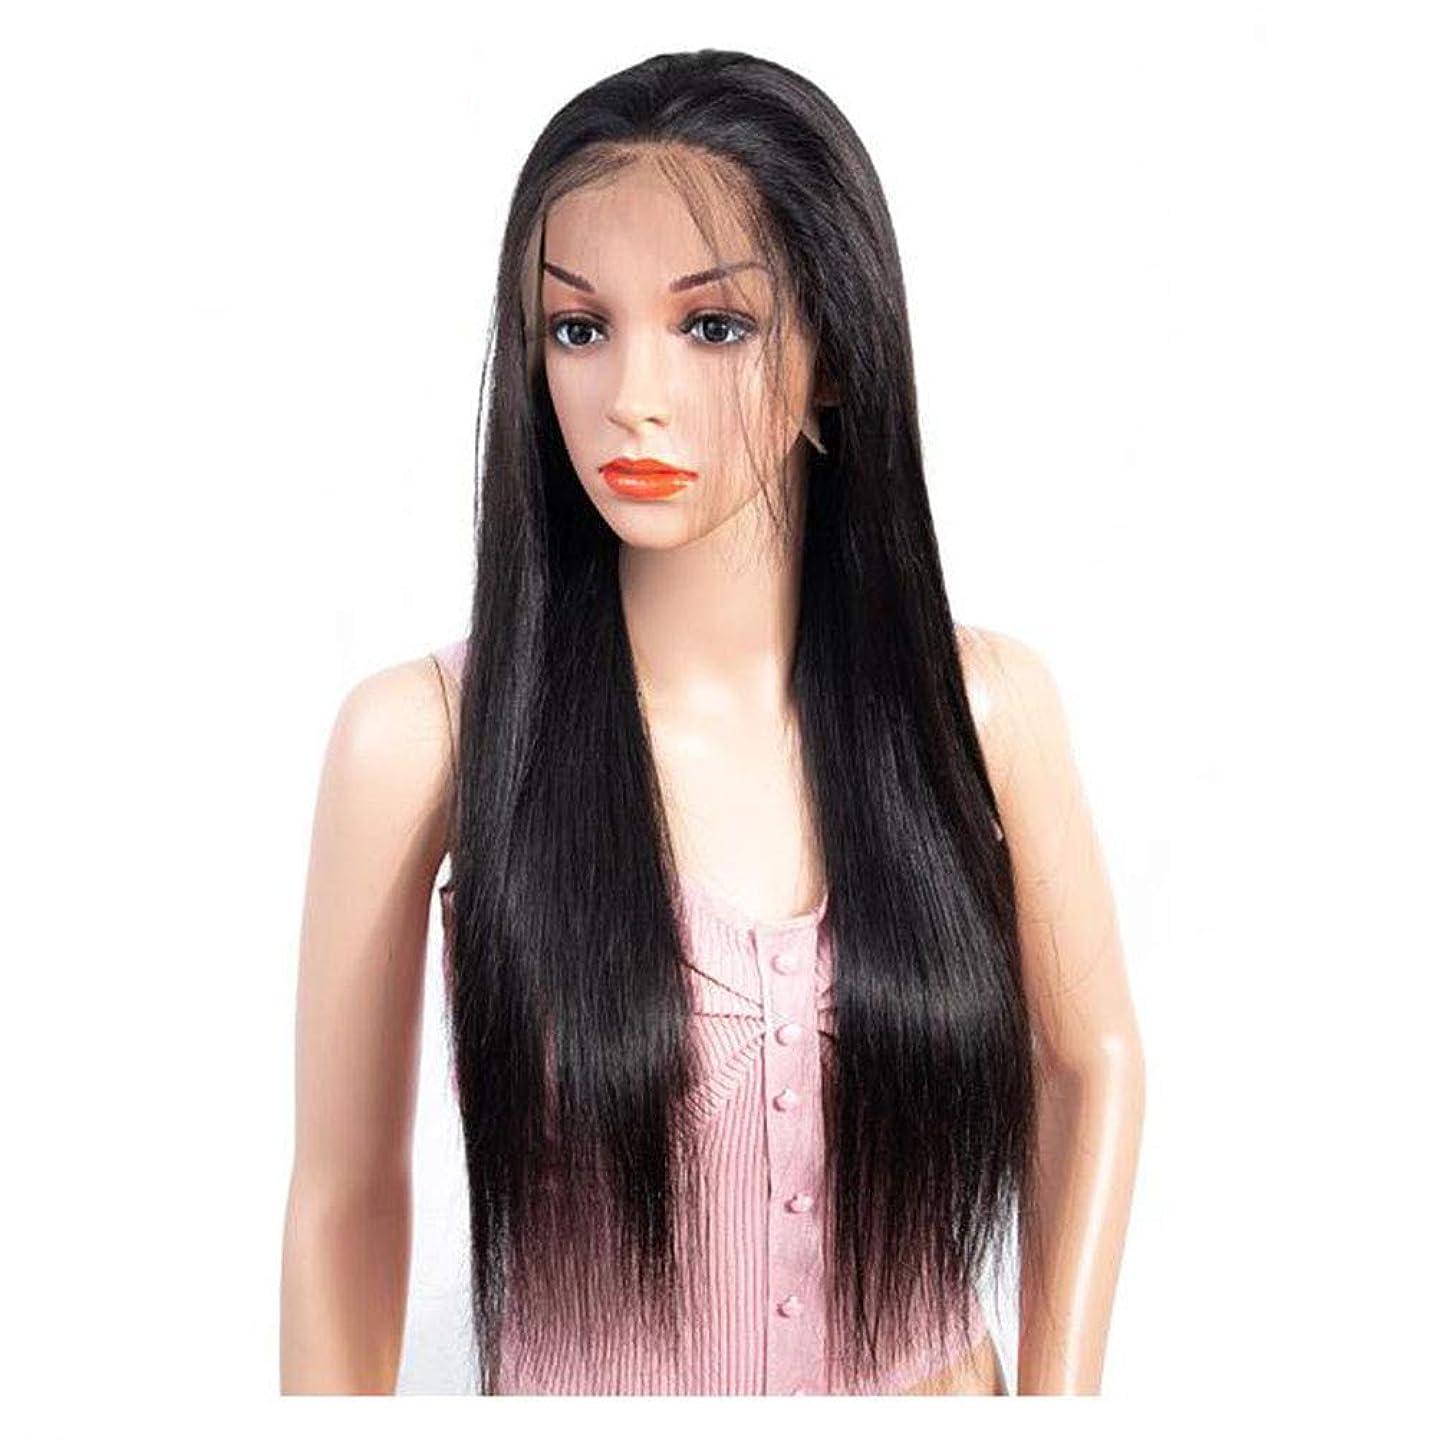 こするスリップシューズエスニックかつらストレートレース前頭人間の髪の毛の拡張子本物のブラジルのバージンヘアピース130%密度で赤ちゃんの髪ナチュラルブラックカラー,10inch